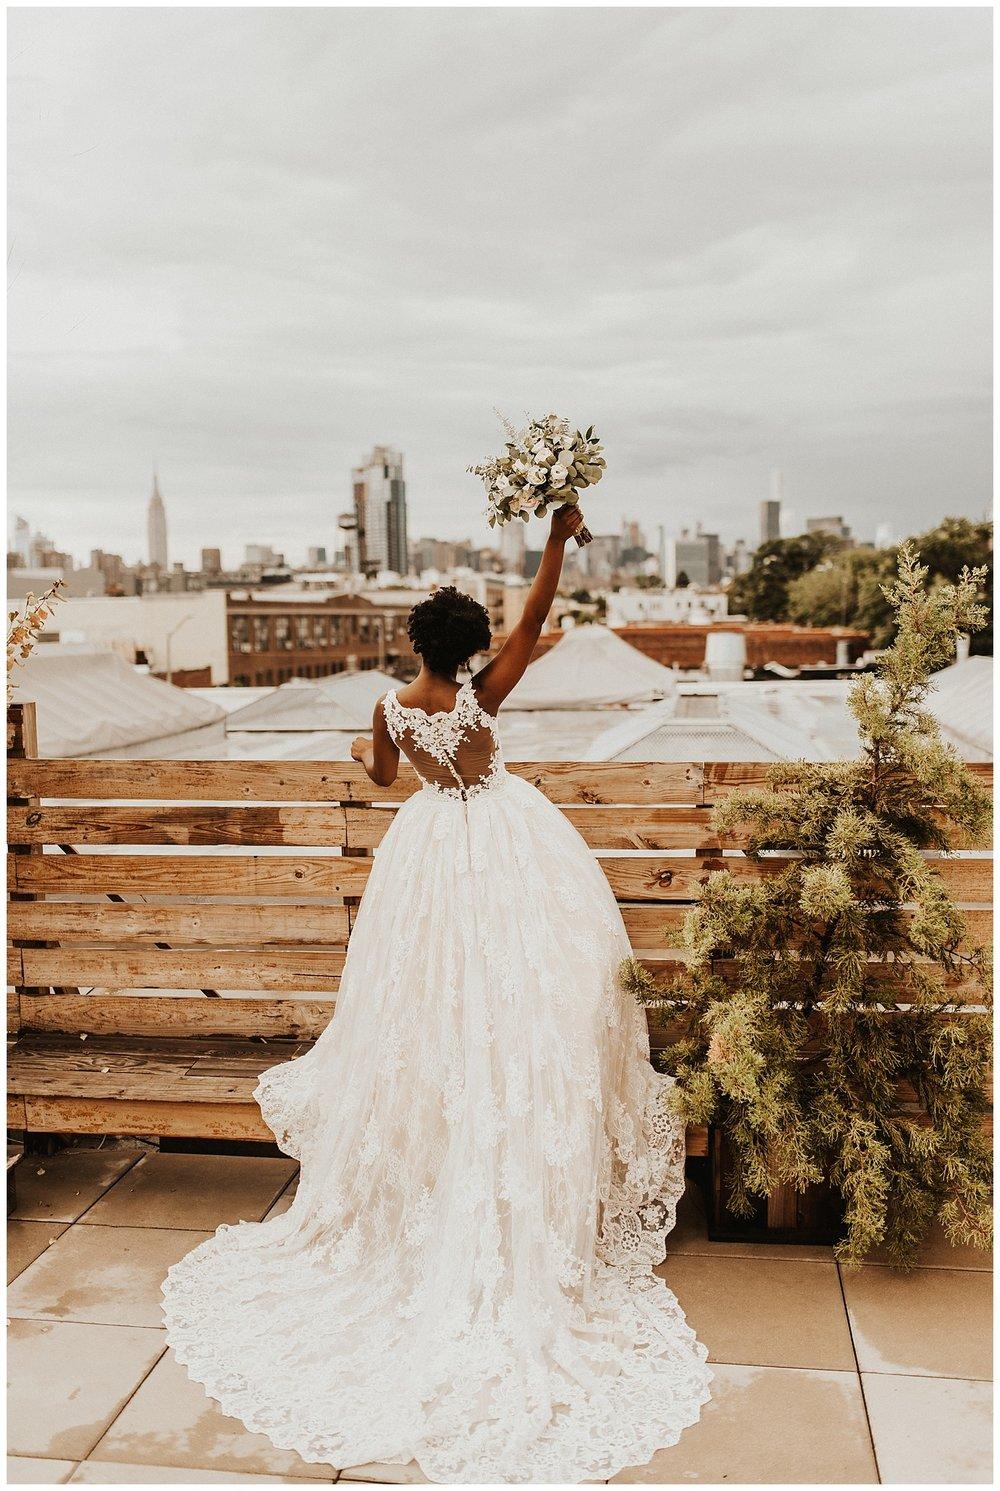 brooklyn-boho-wedding-photographer-dobbin-street-11.JPG